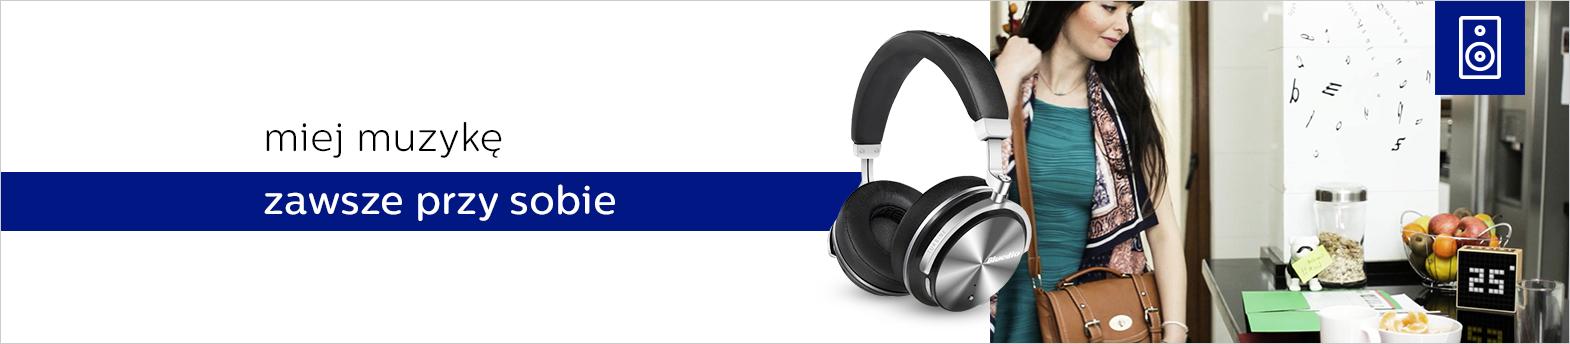 słuchawki bluedio głośniki divoom promocja